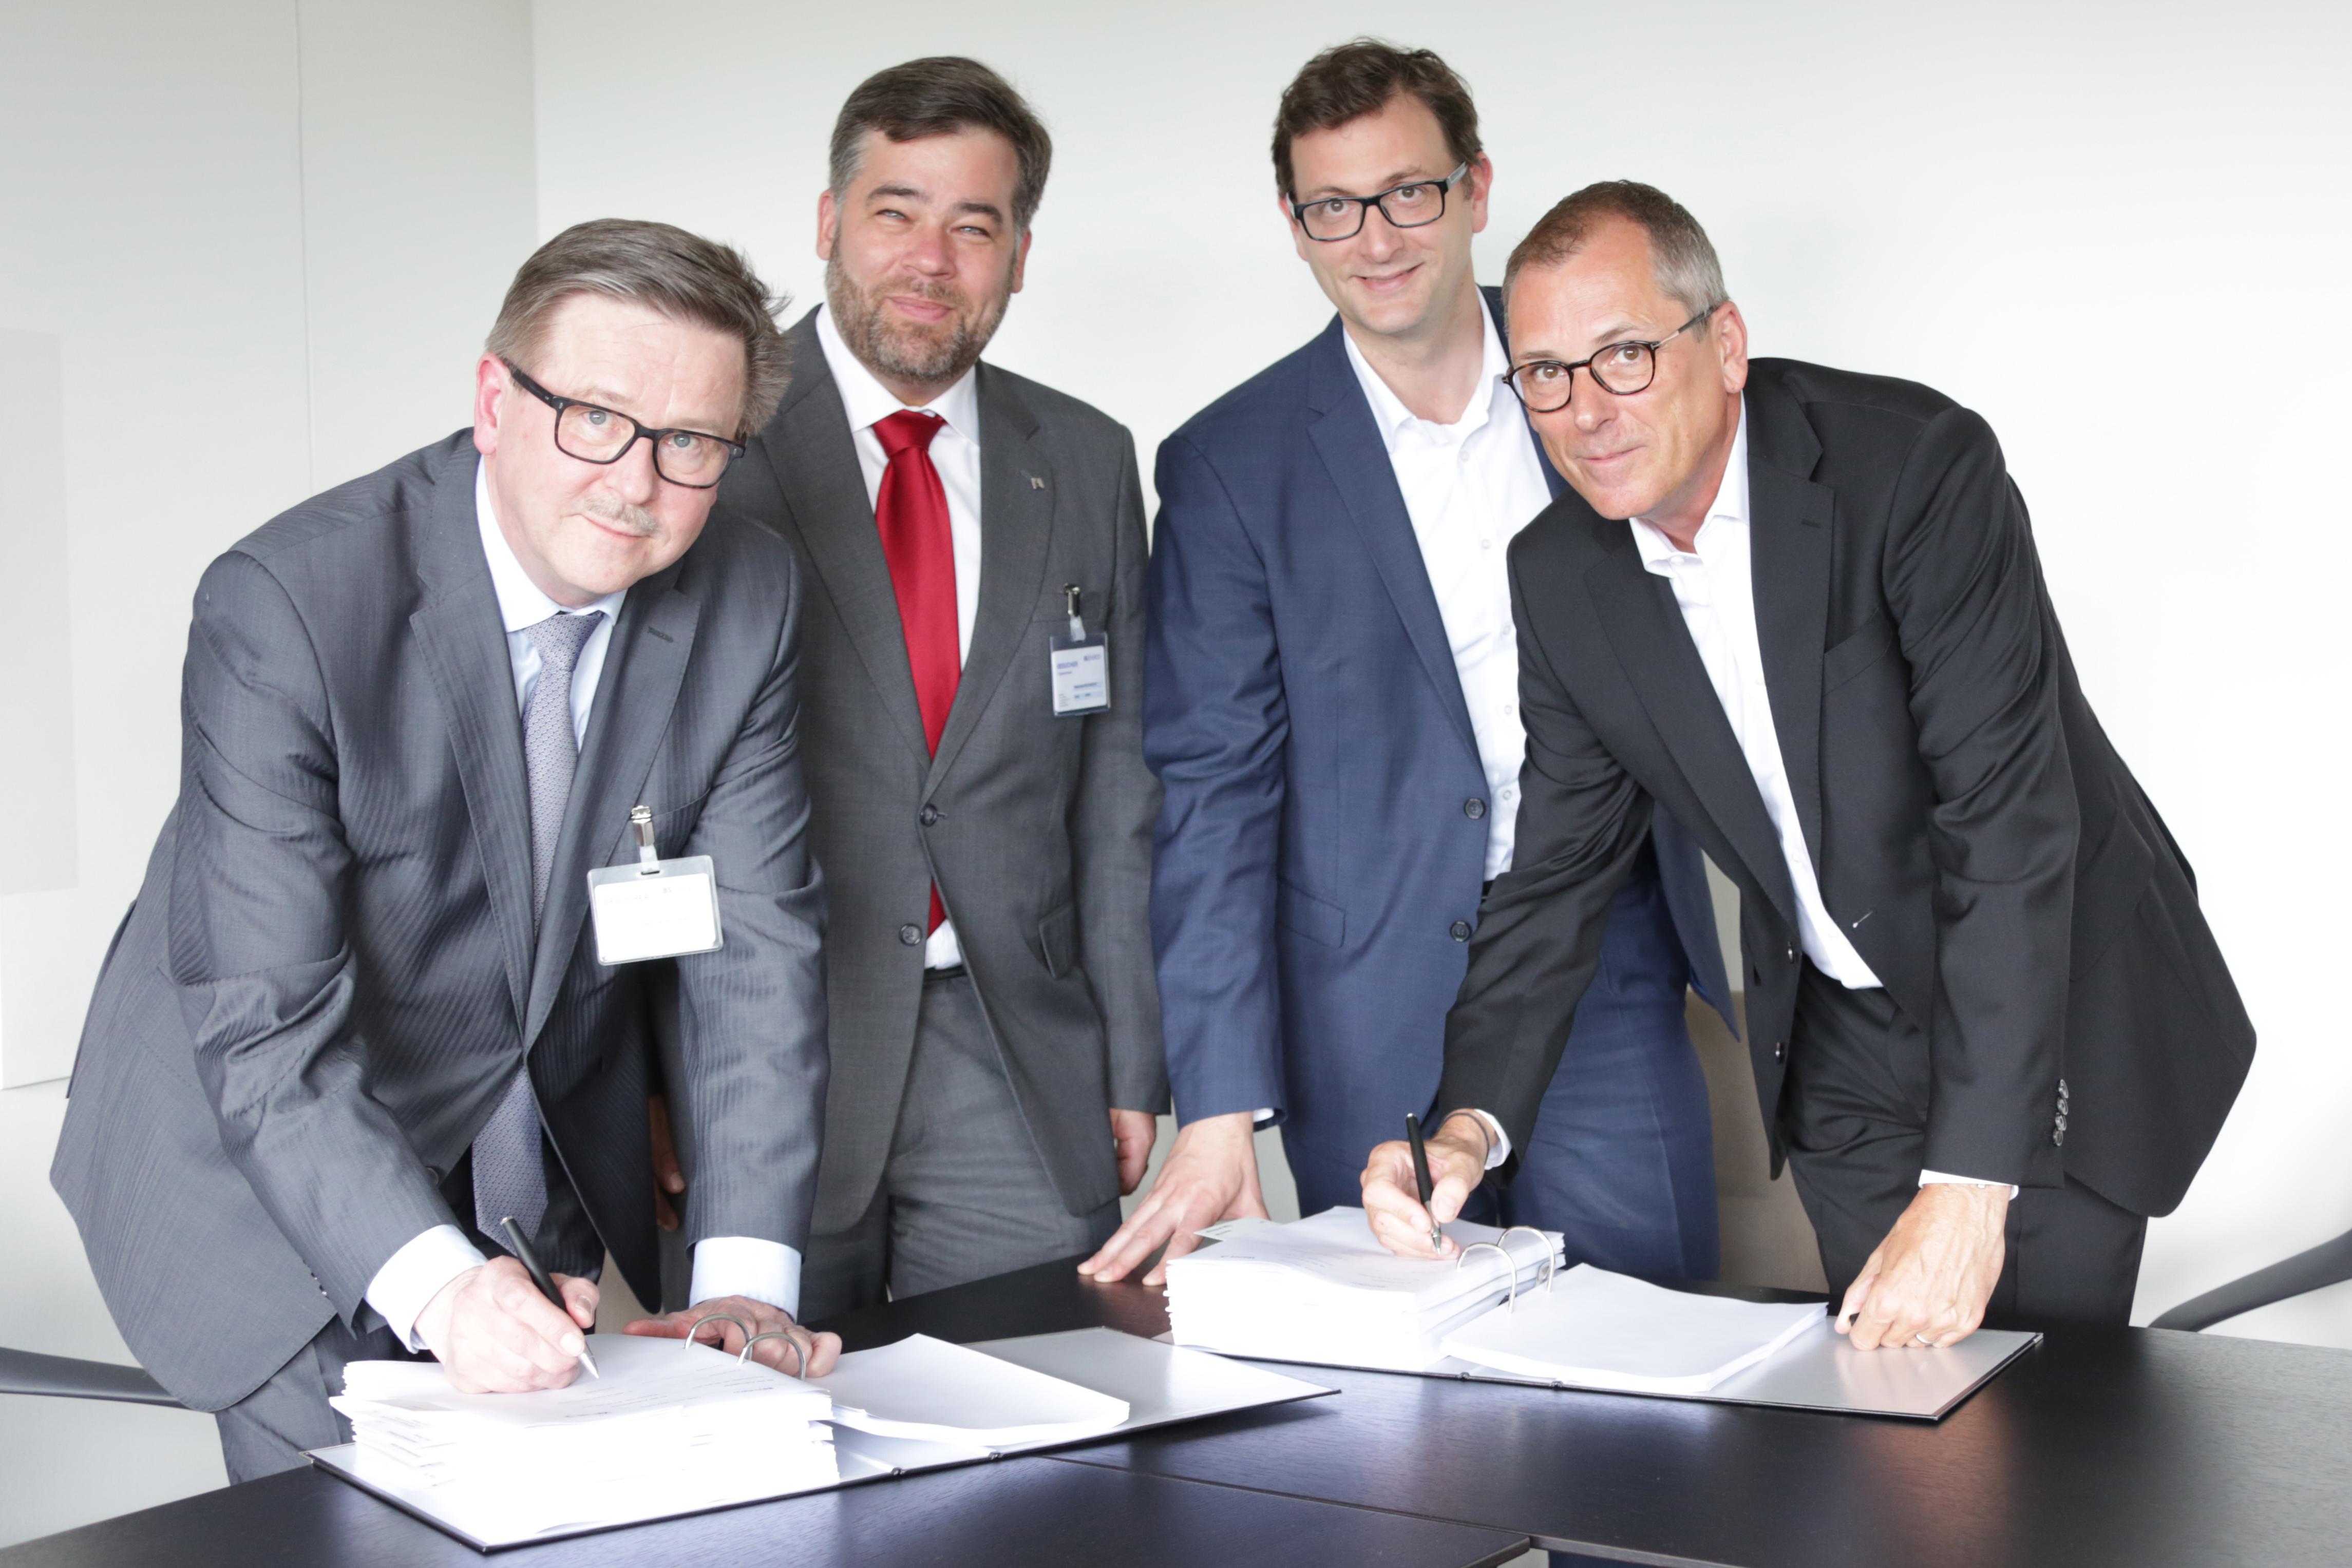 Valmet toimittaa biomassakattilan ja savukaasujen käsittelyjärjestelmän BS Energyn sähkön ja lämmön yhteistuotantolaitokselle (CHP-laitokselle) Braunschweigiin Saksaan.